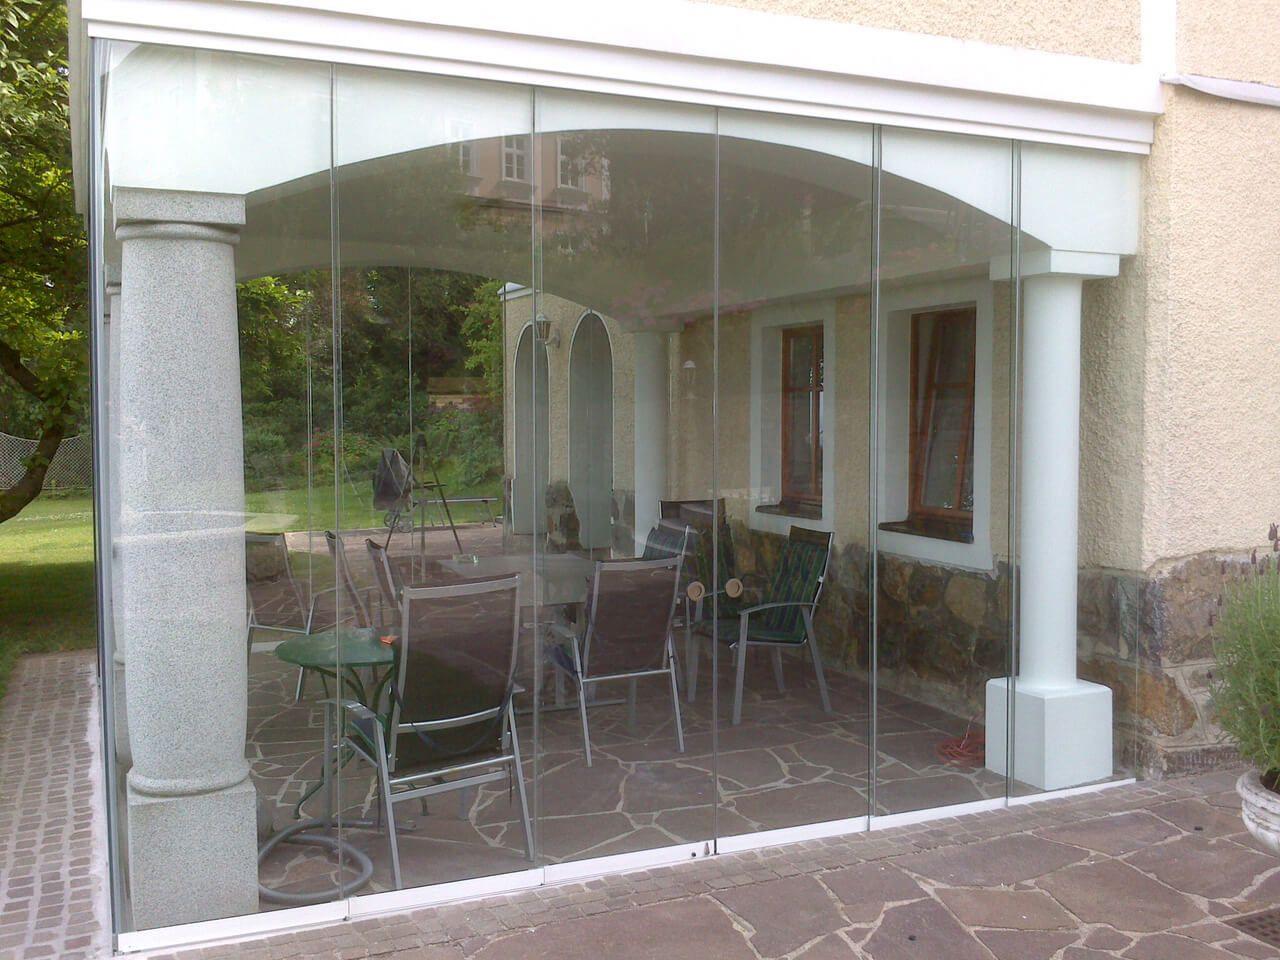 Windschutz für bestehende Terrasse Balkon